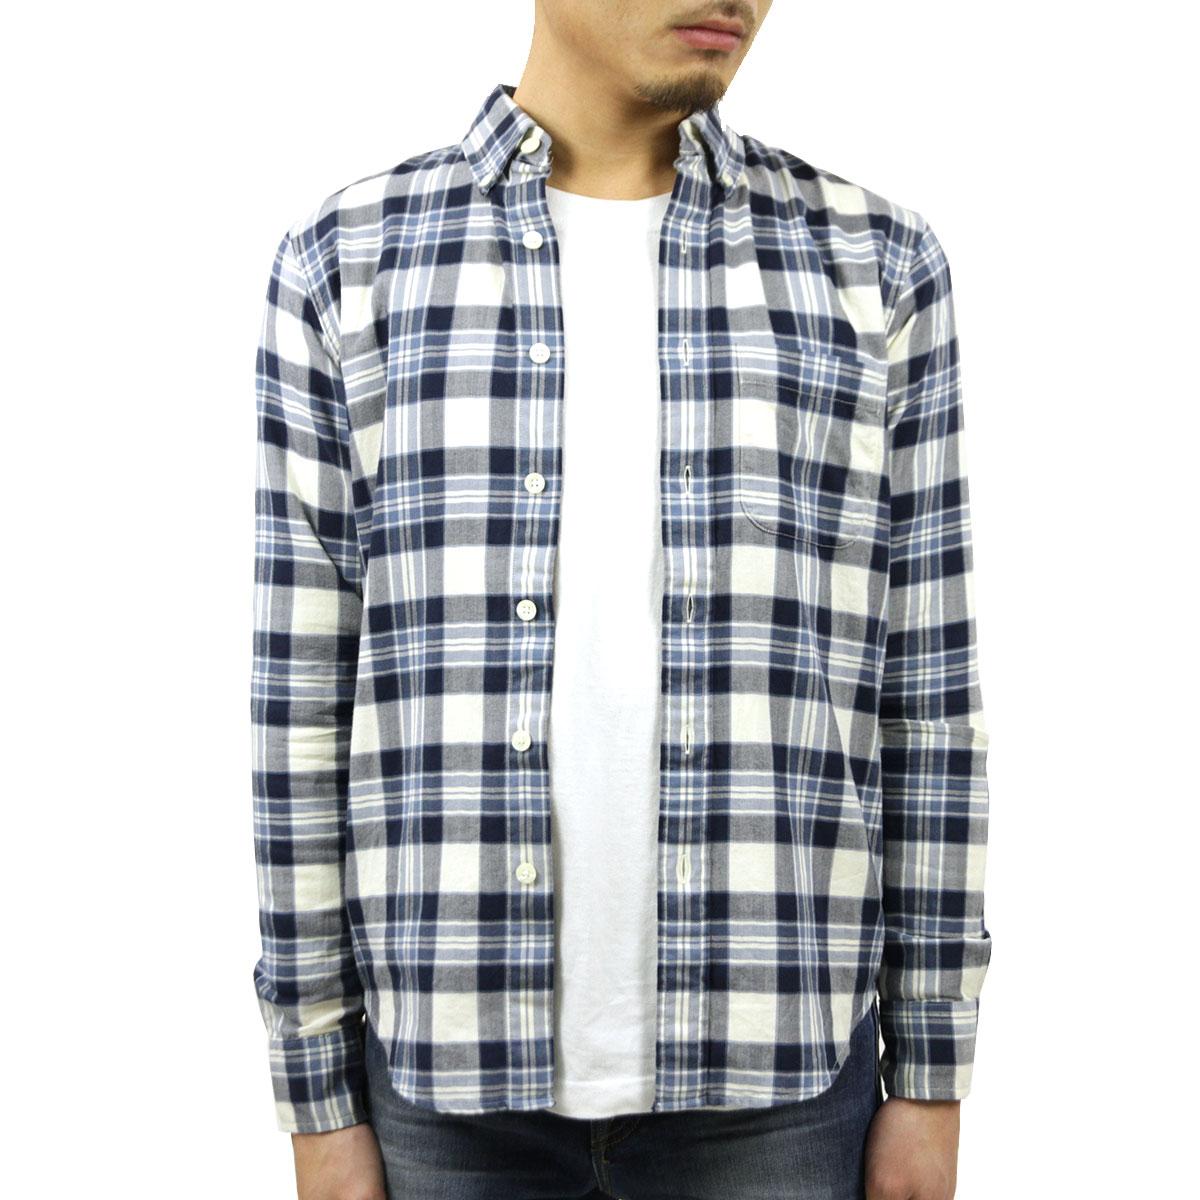 アバクロ Abercrombie&Fitch 正規品 メンズ 長袖シャツ Plaid Herringbone Button-Up Shirt 125-168-2372-228